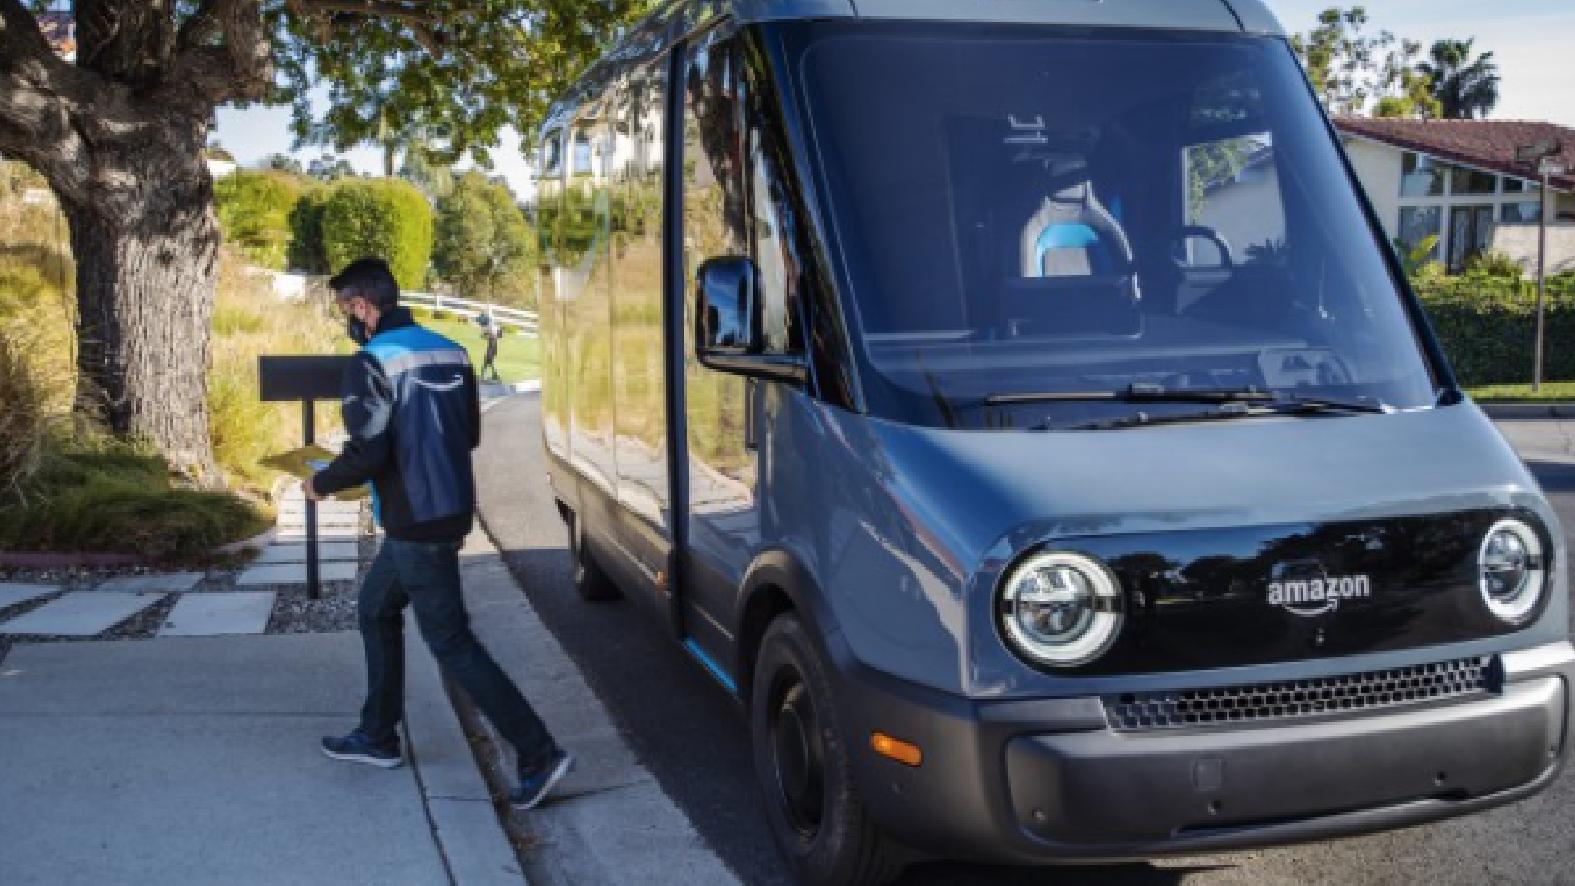 Camionetas eléctricas Rivian inician entregas de Amazon en Colorado